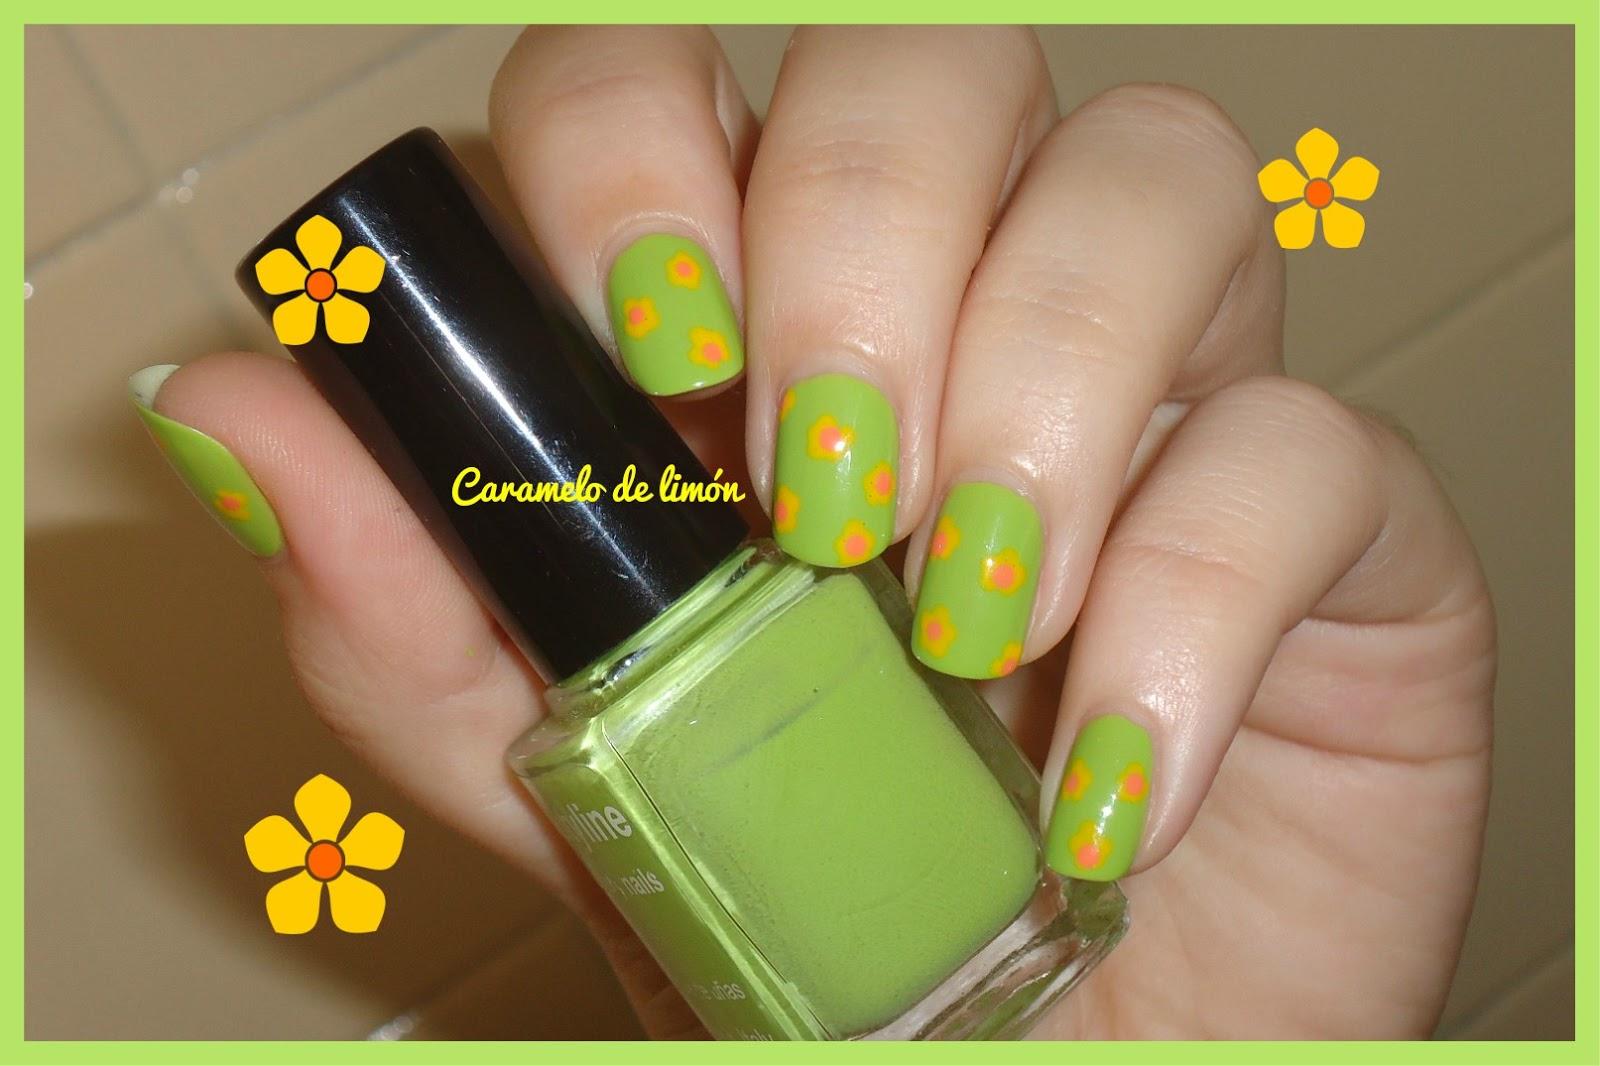 Caramelo de limón Nail Art: Flores naranjas y amarillas